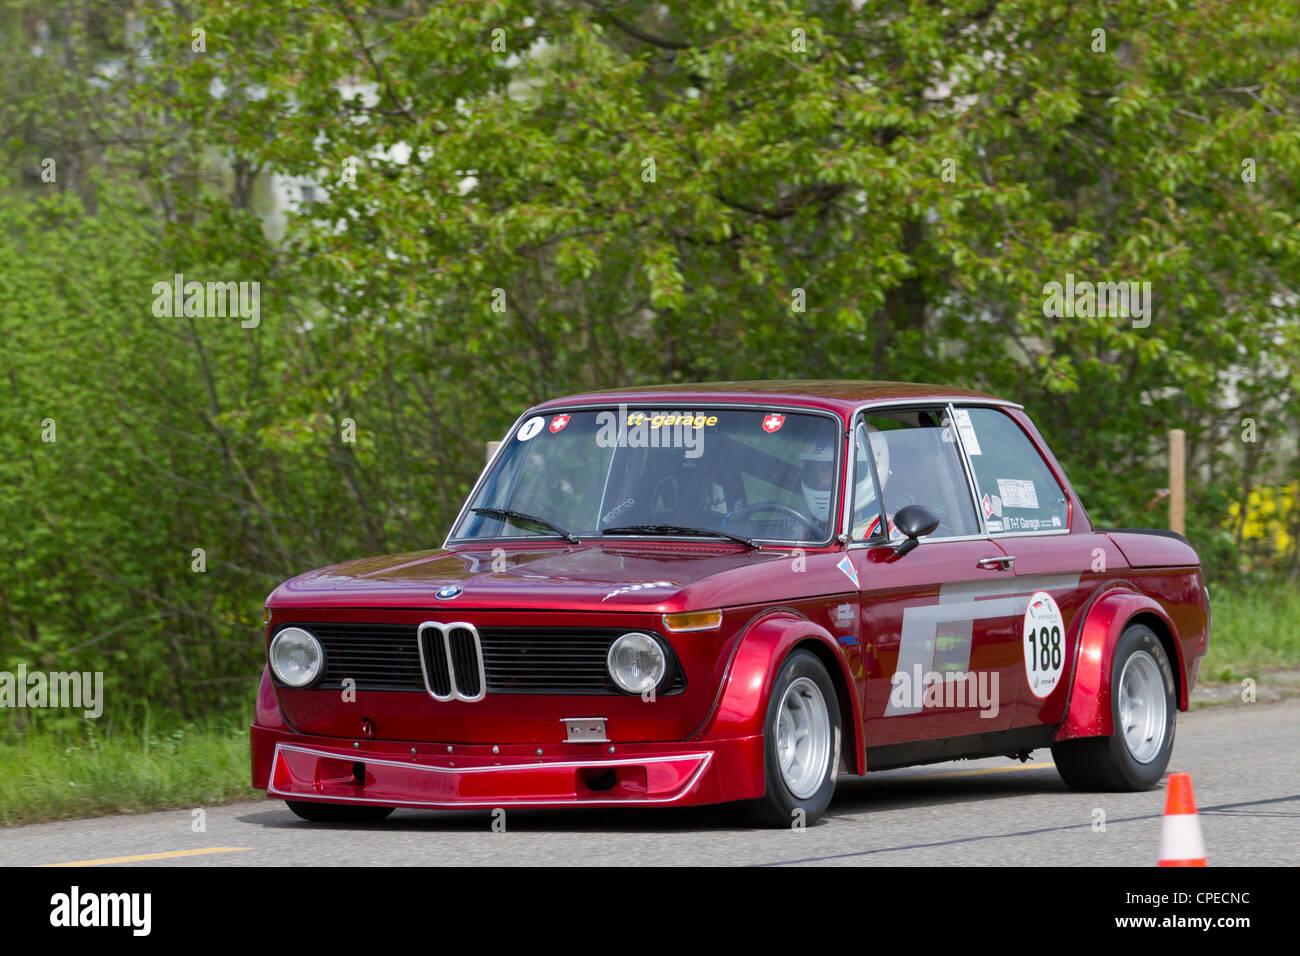 Bmw 2002 Tii Fotos E Imagenes De Stock Alamy